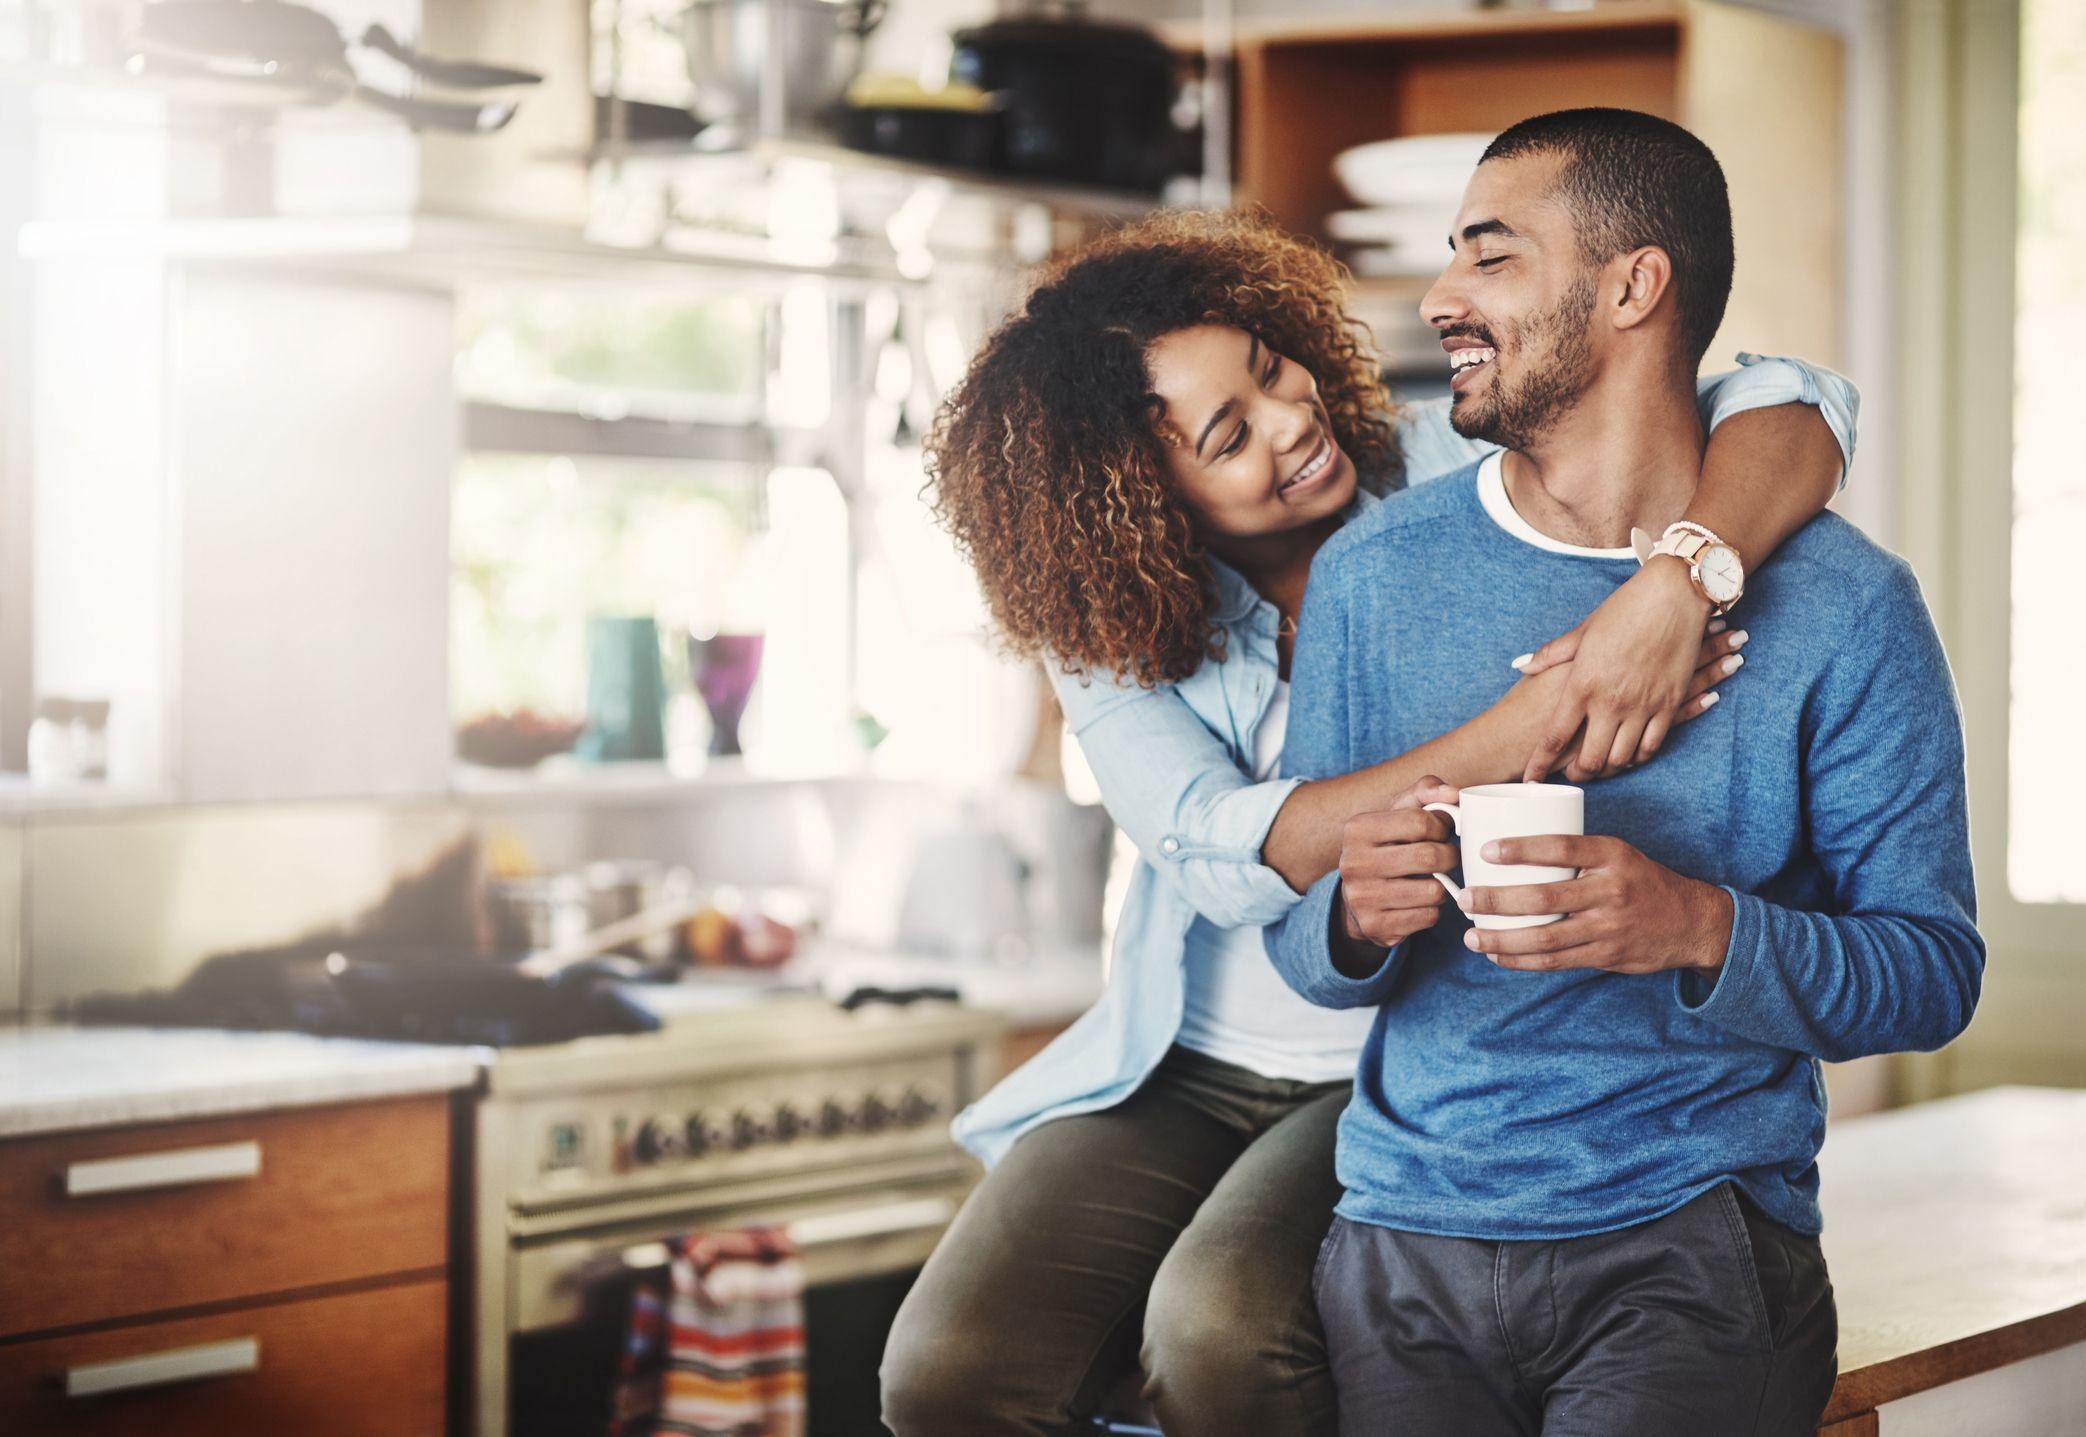 wie ich meinen Mann dazu bringen kann, sich wieder in mich